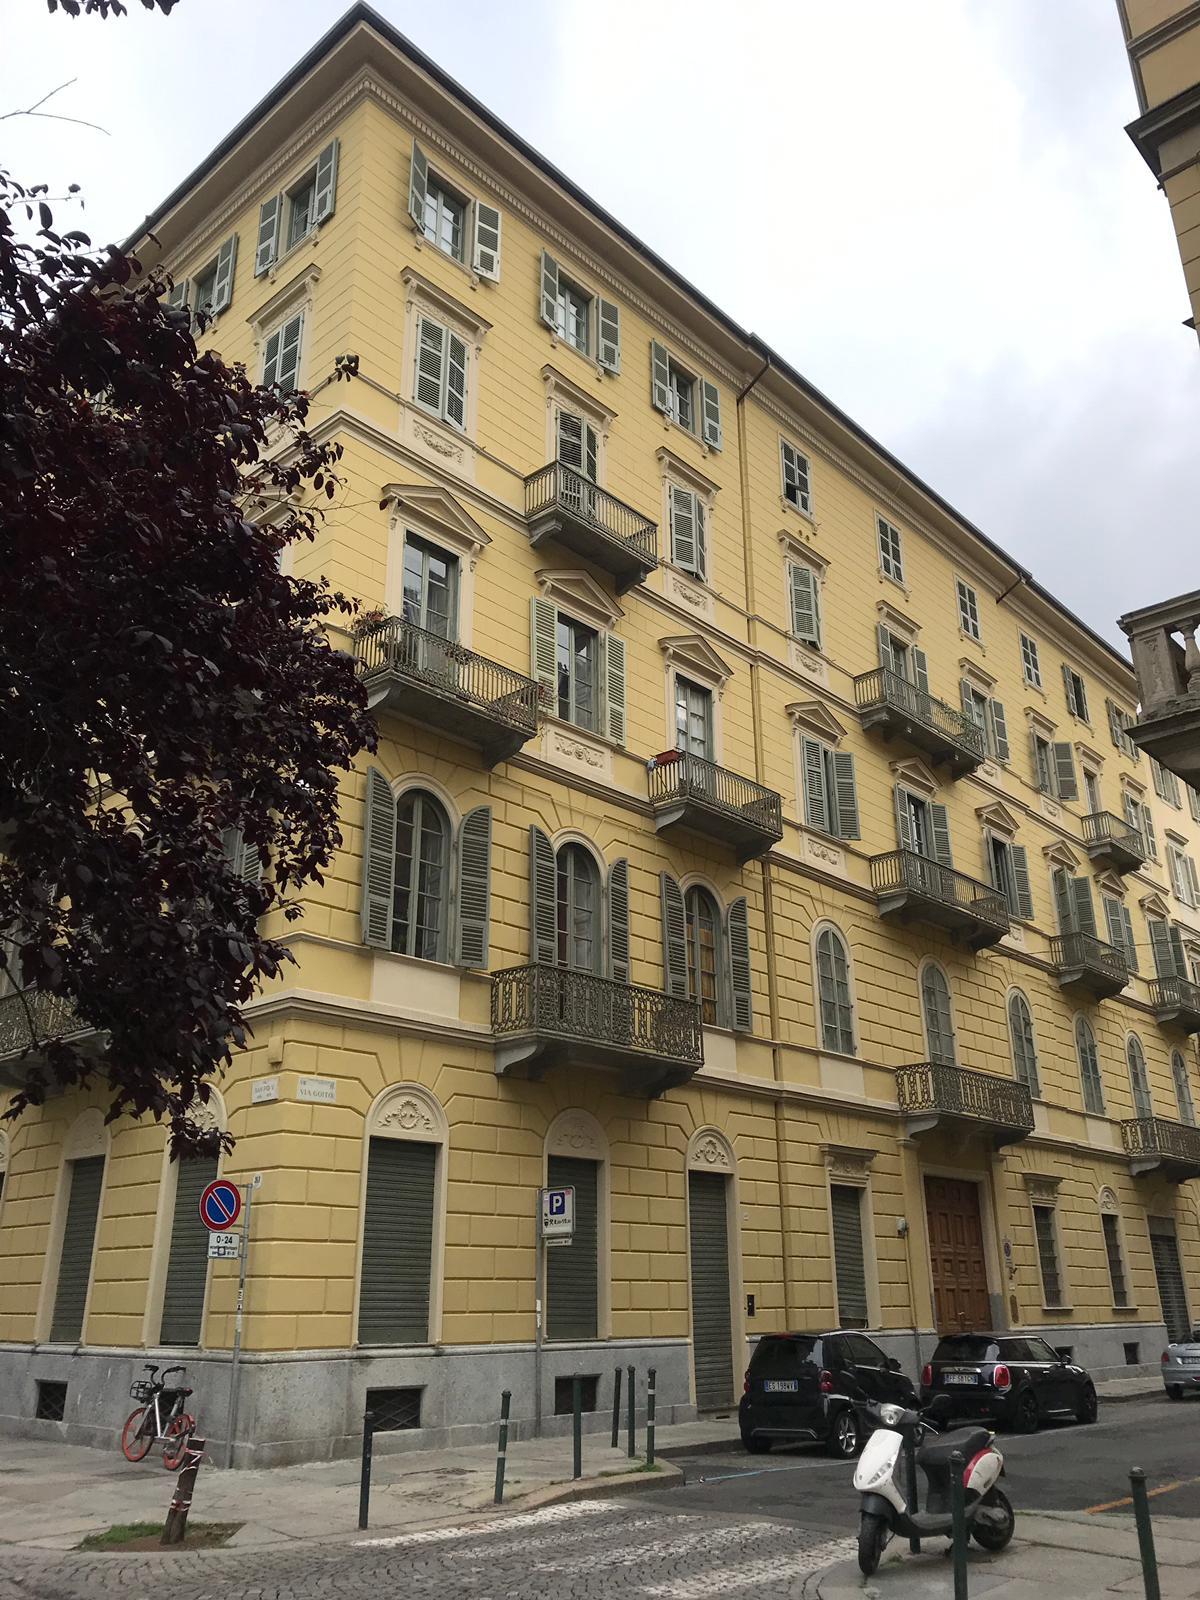 Palazzo piemonte facciata